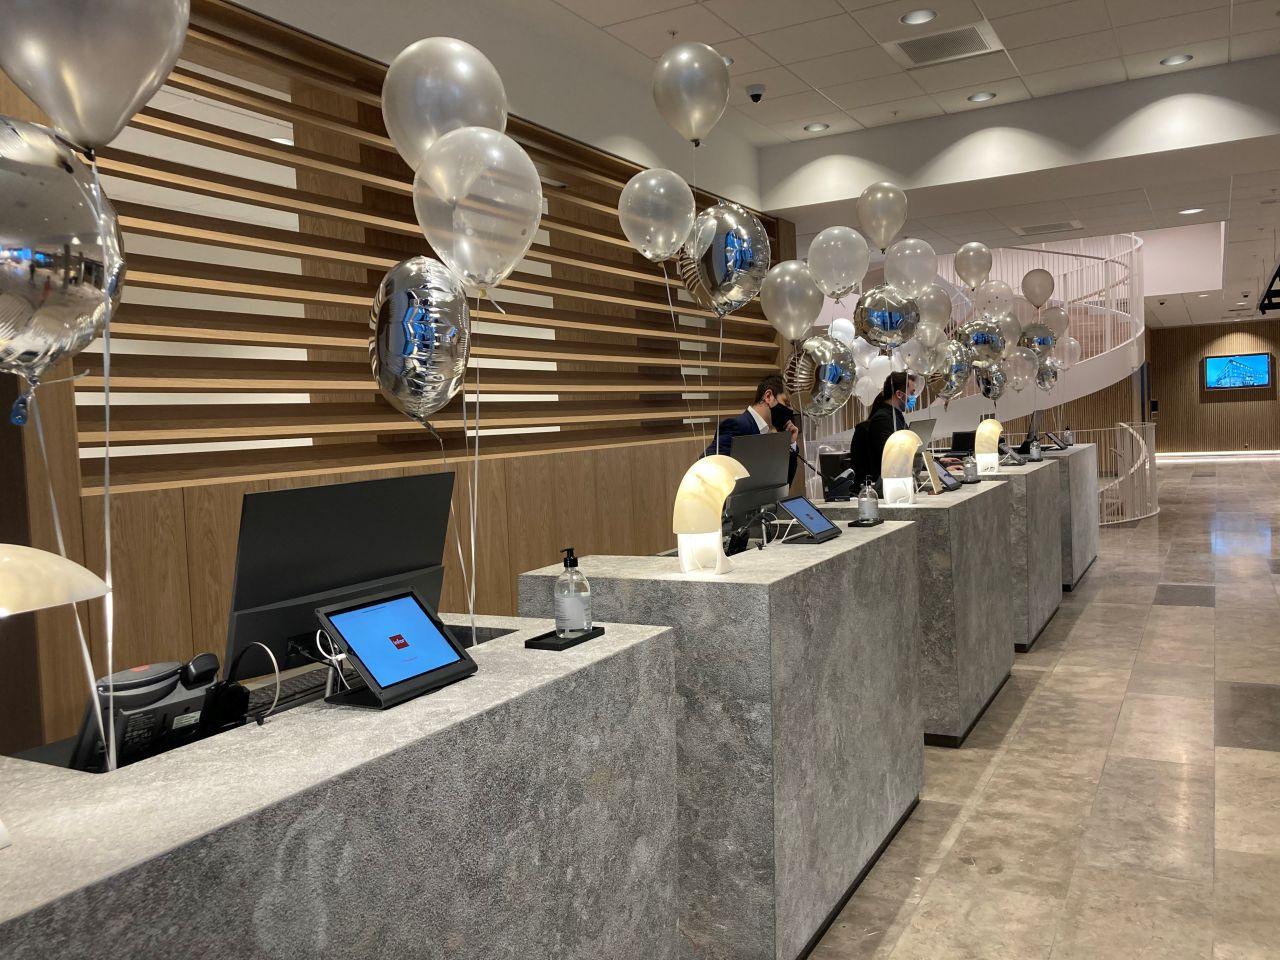 Der var pyntet fint op i receptionen ved åbningen mandag af det nye Comwell Copenhagen Portside. Den mere officielle festivitas må vente til mennesker atter må mødes i større forsamlinger. Foto: Comwell Hotels.